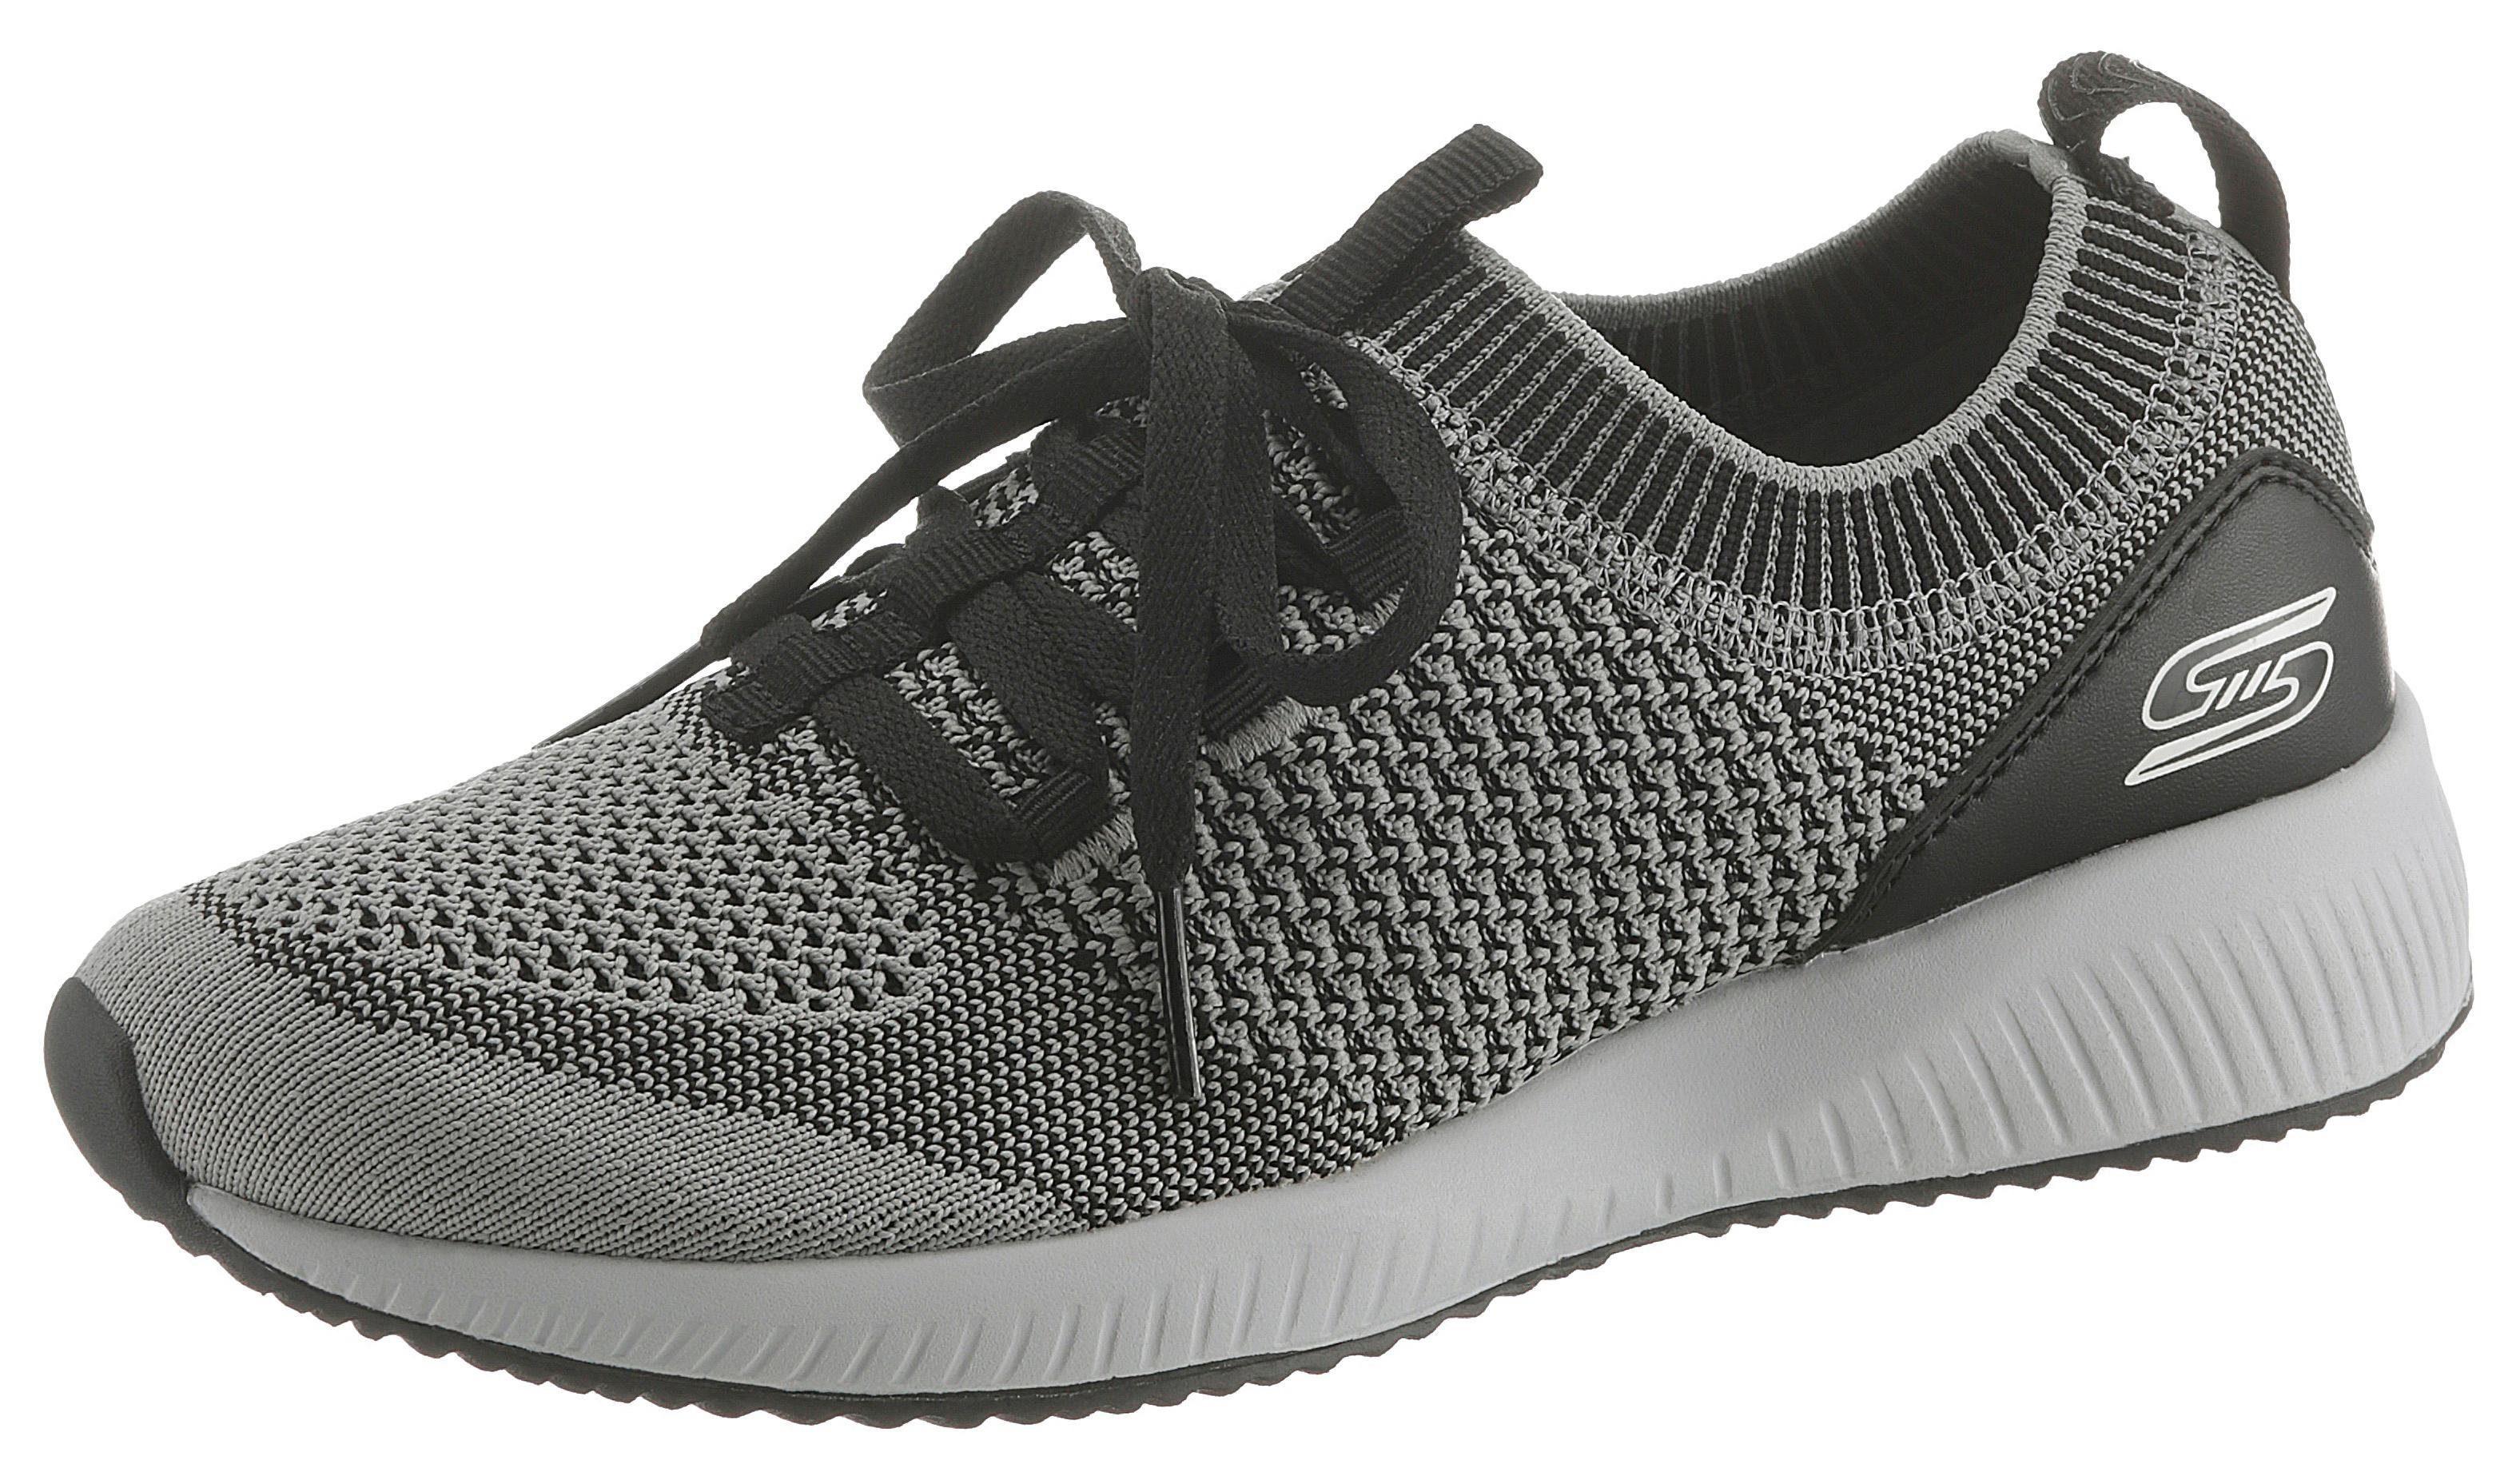 Skechers »Bobs Squad Alpha Gal« Sneaker mit aufgesetzter Schnürung online kaufen | OTTO